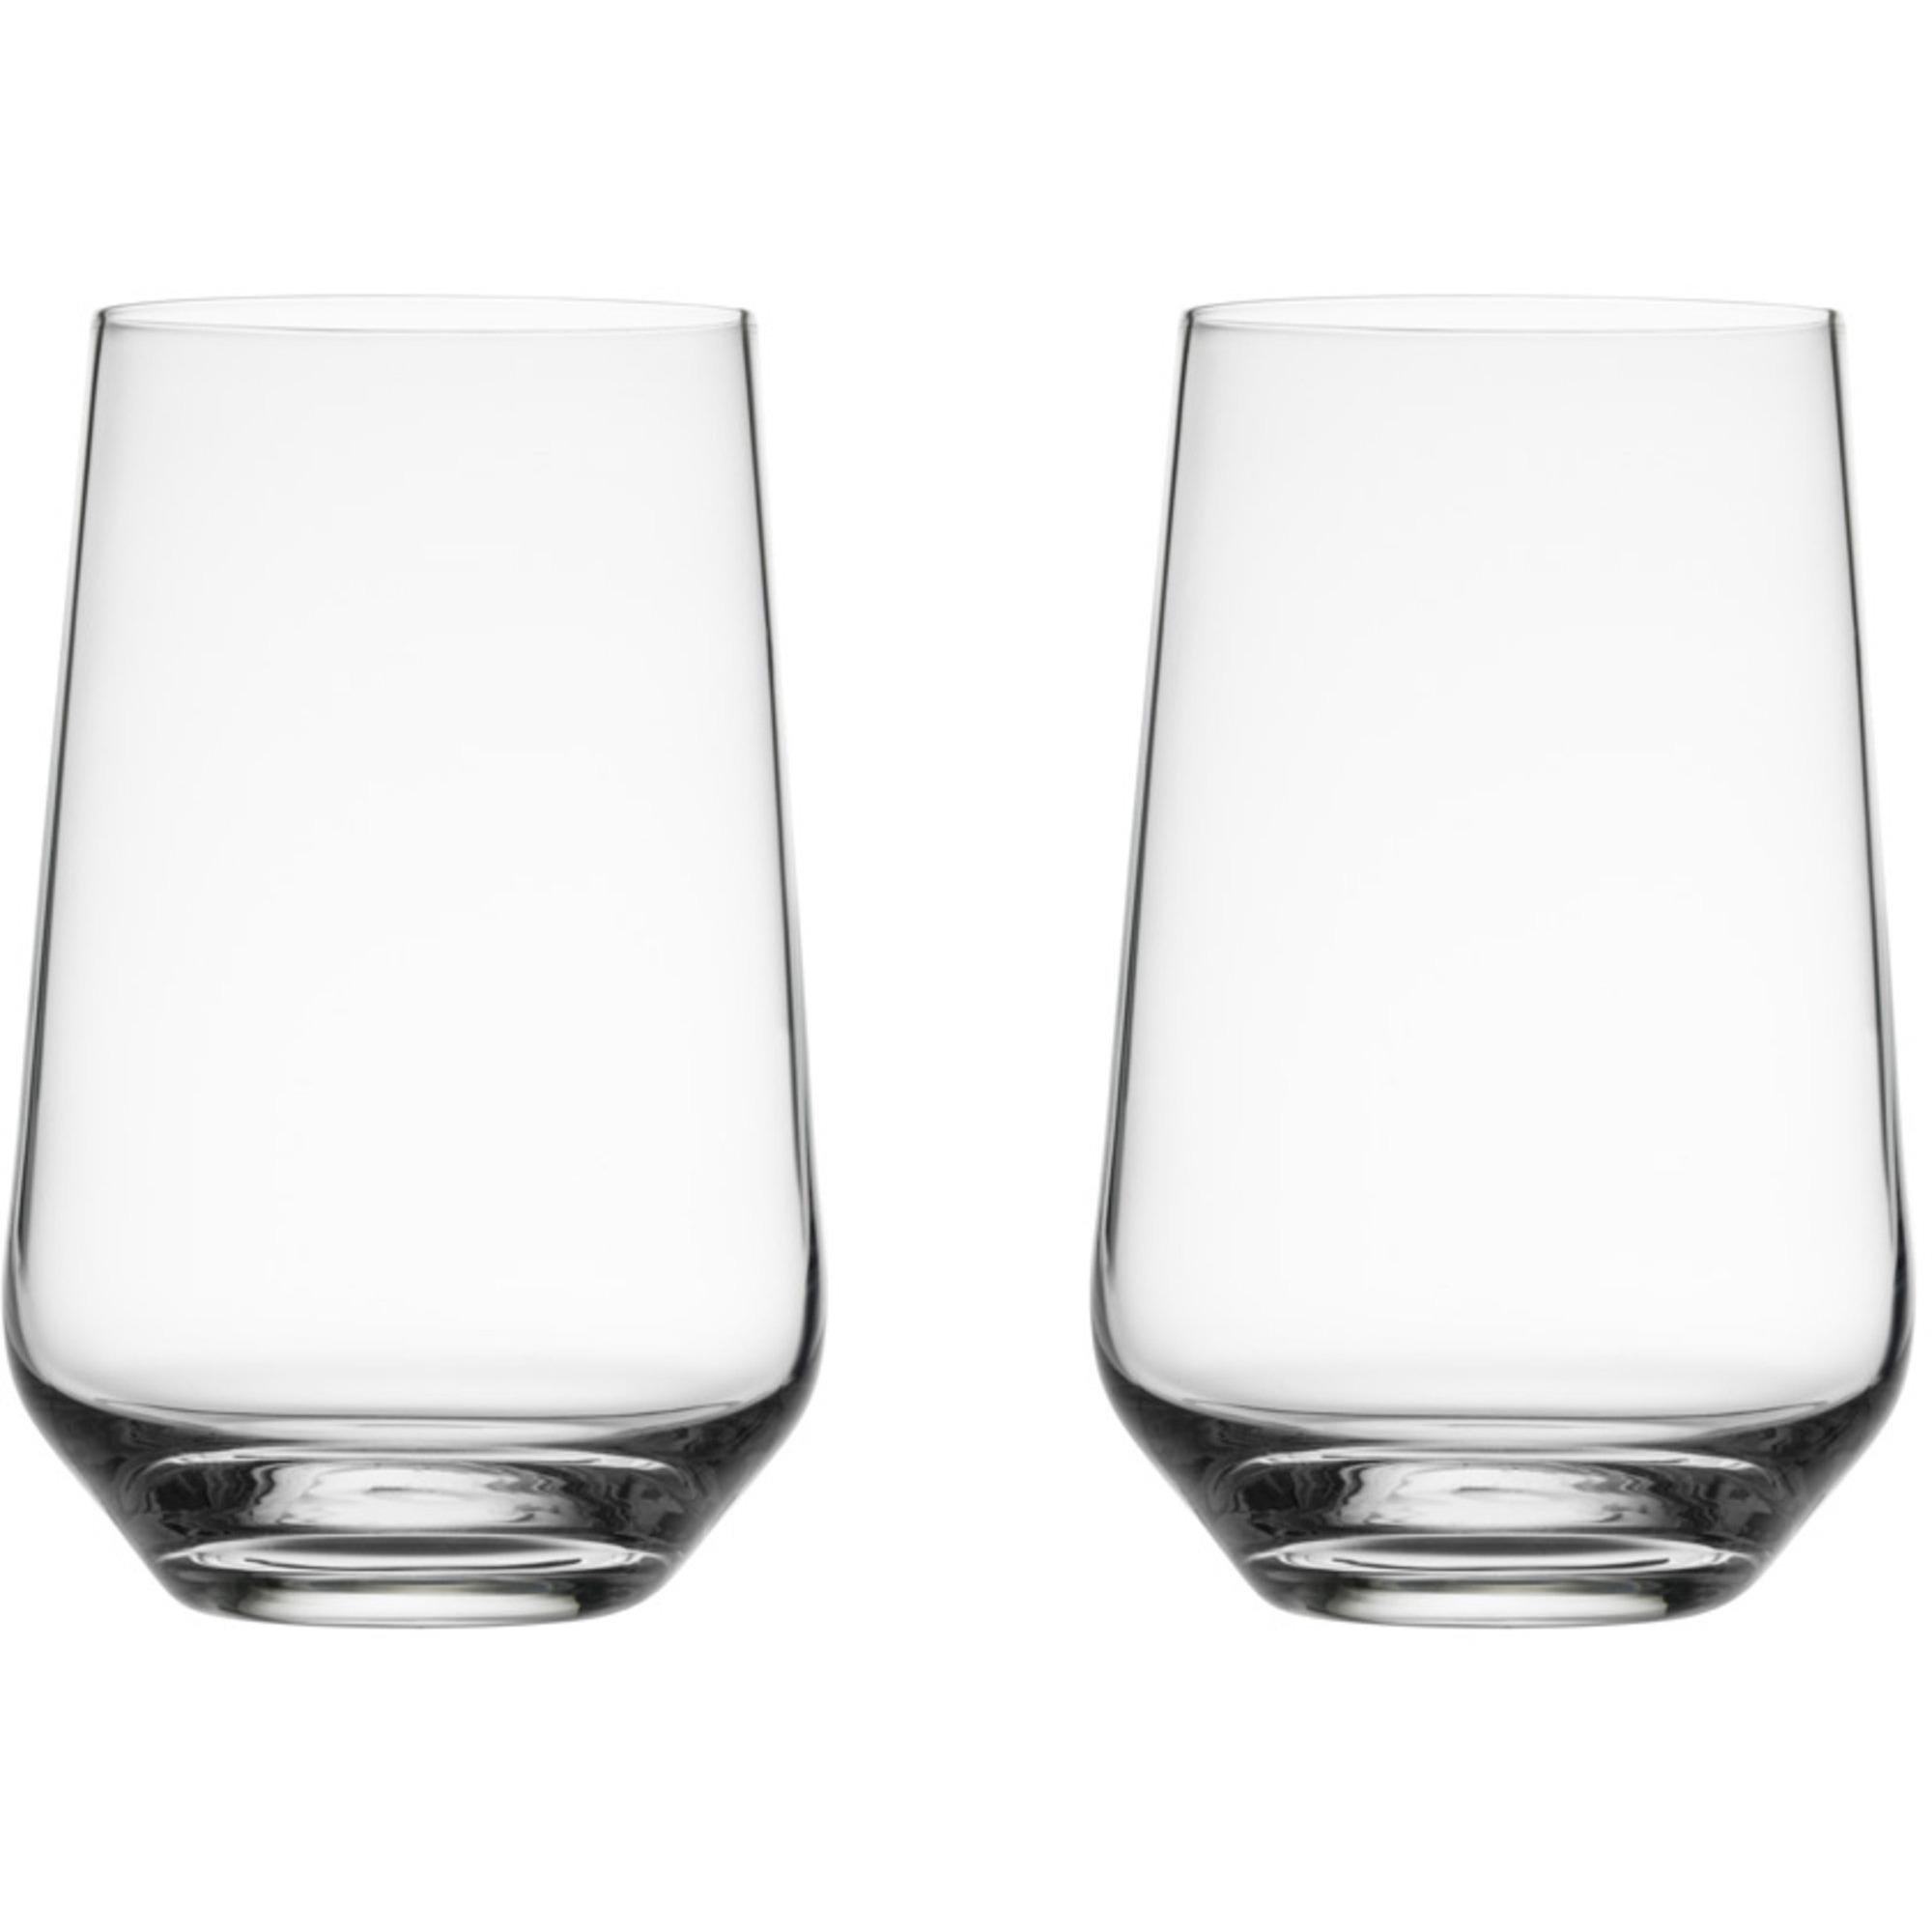 Iittala Essence Glas 55 cl 2-pack